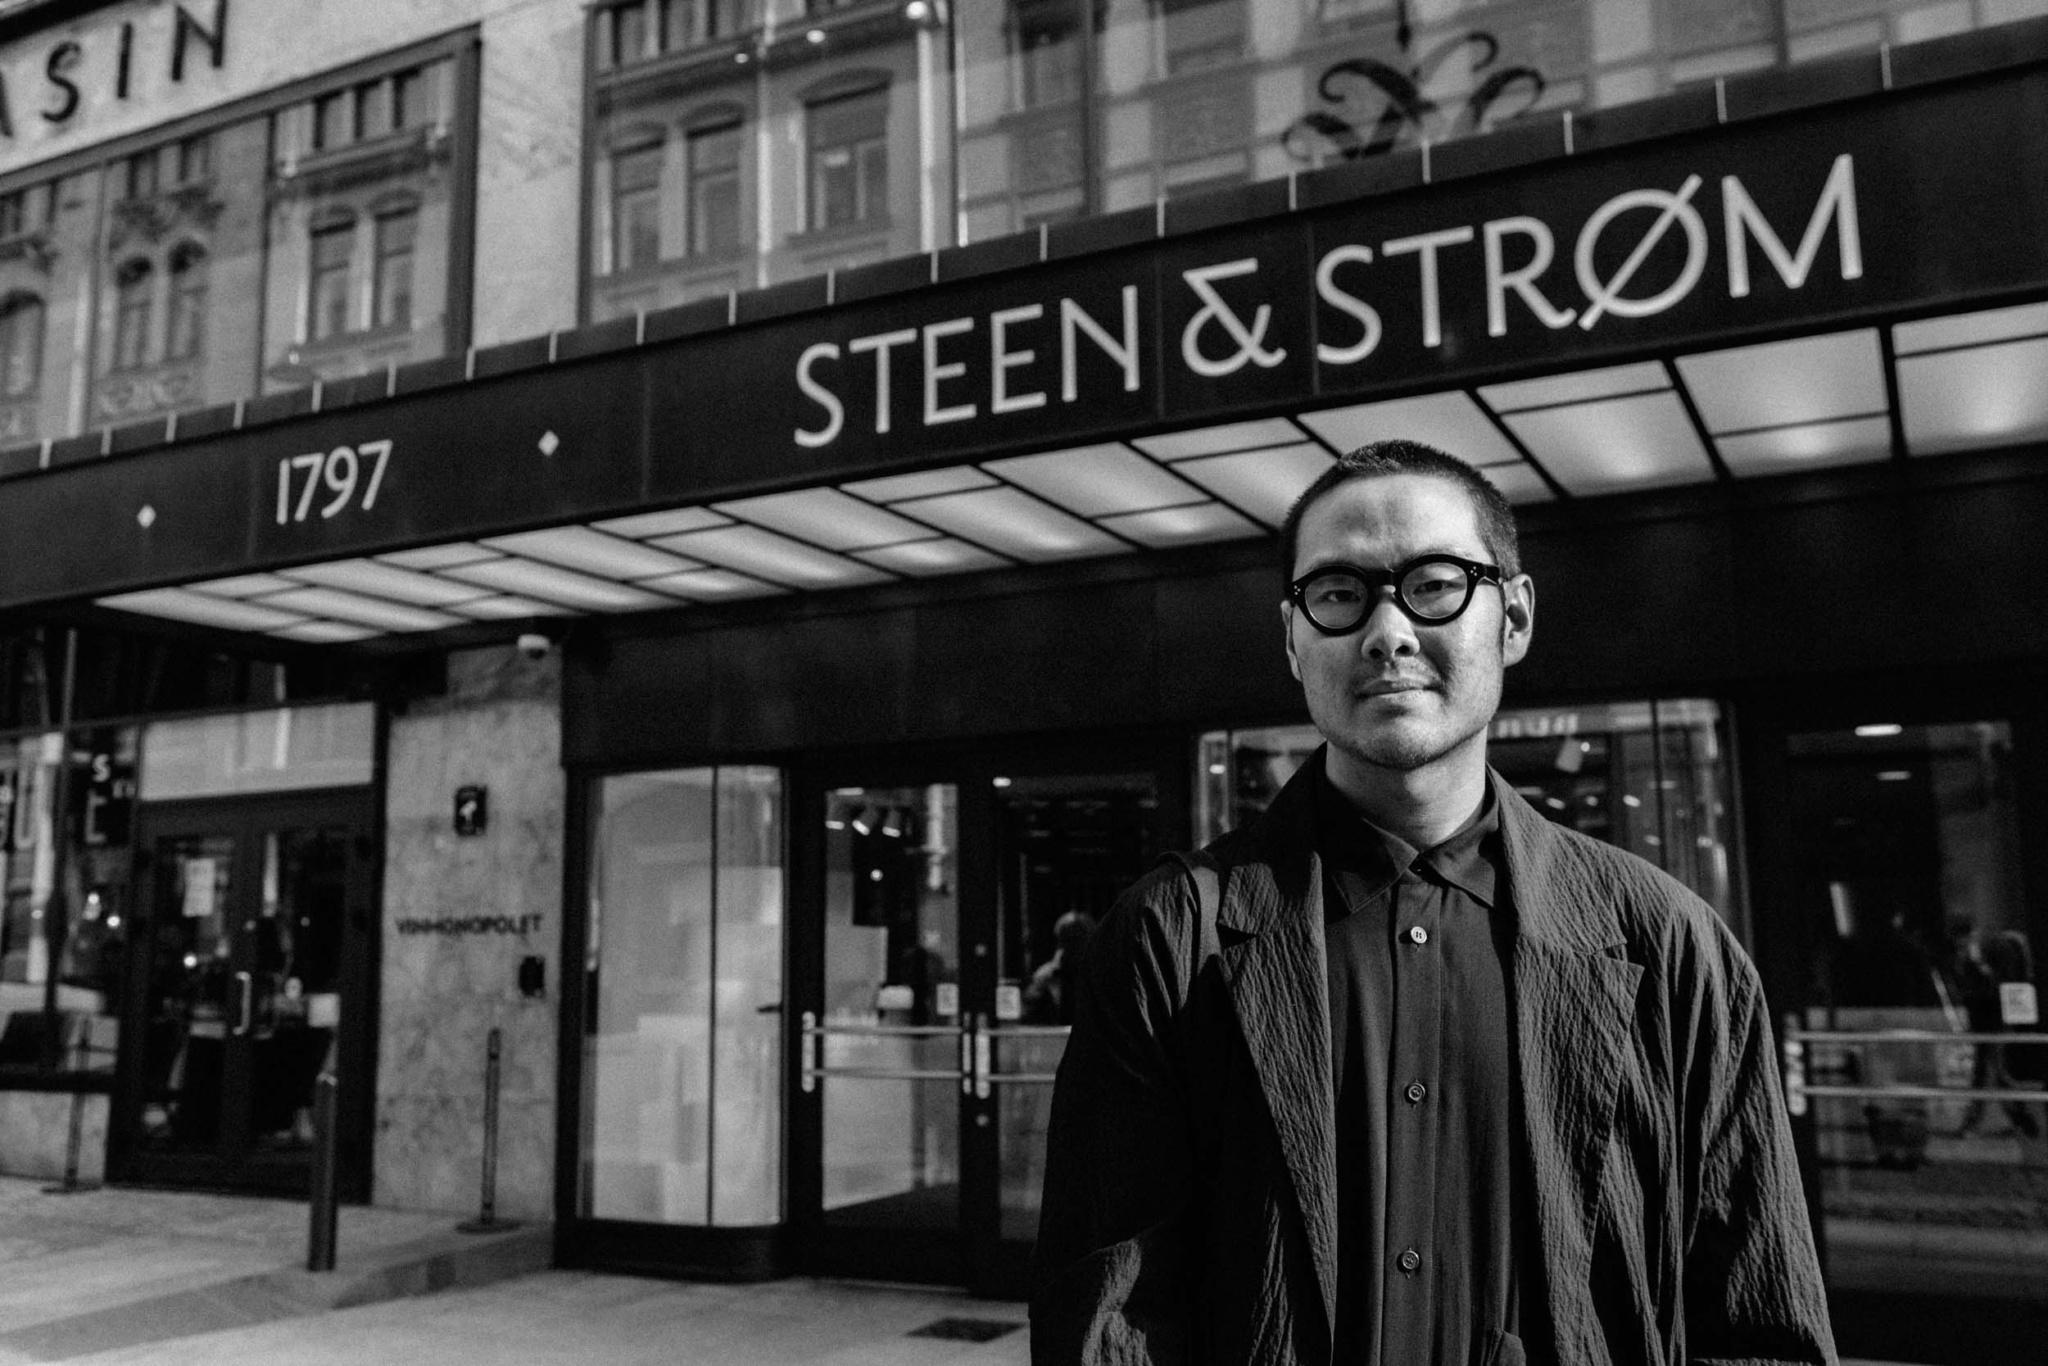 Steen & Strøm får skryt av Louis Vuitton